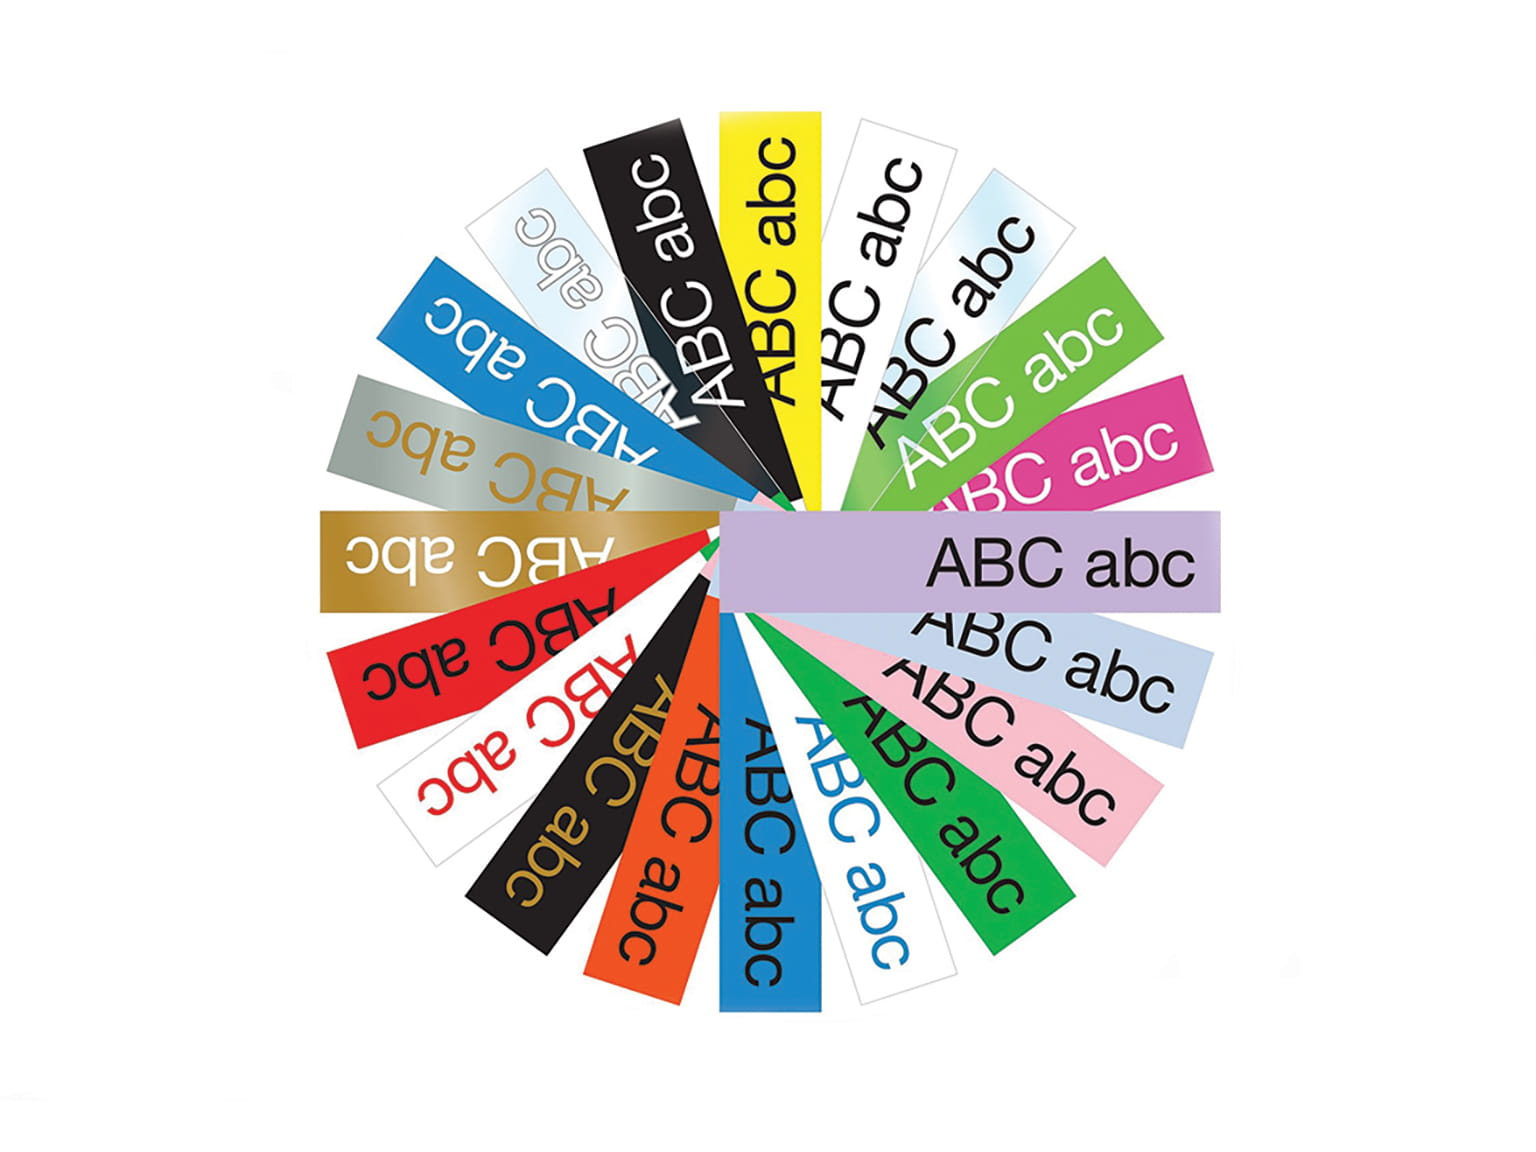 Roue d'étiquettes de couleurs montrant la gamme de couleurs d'étiquettes disponibles